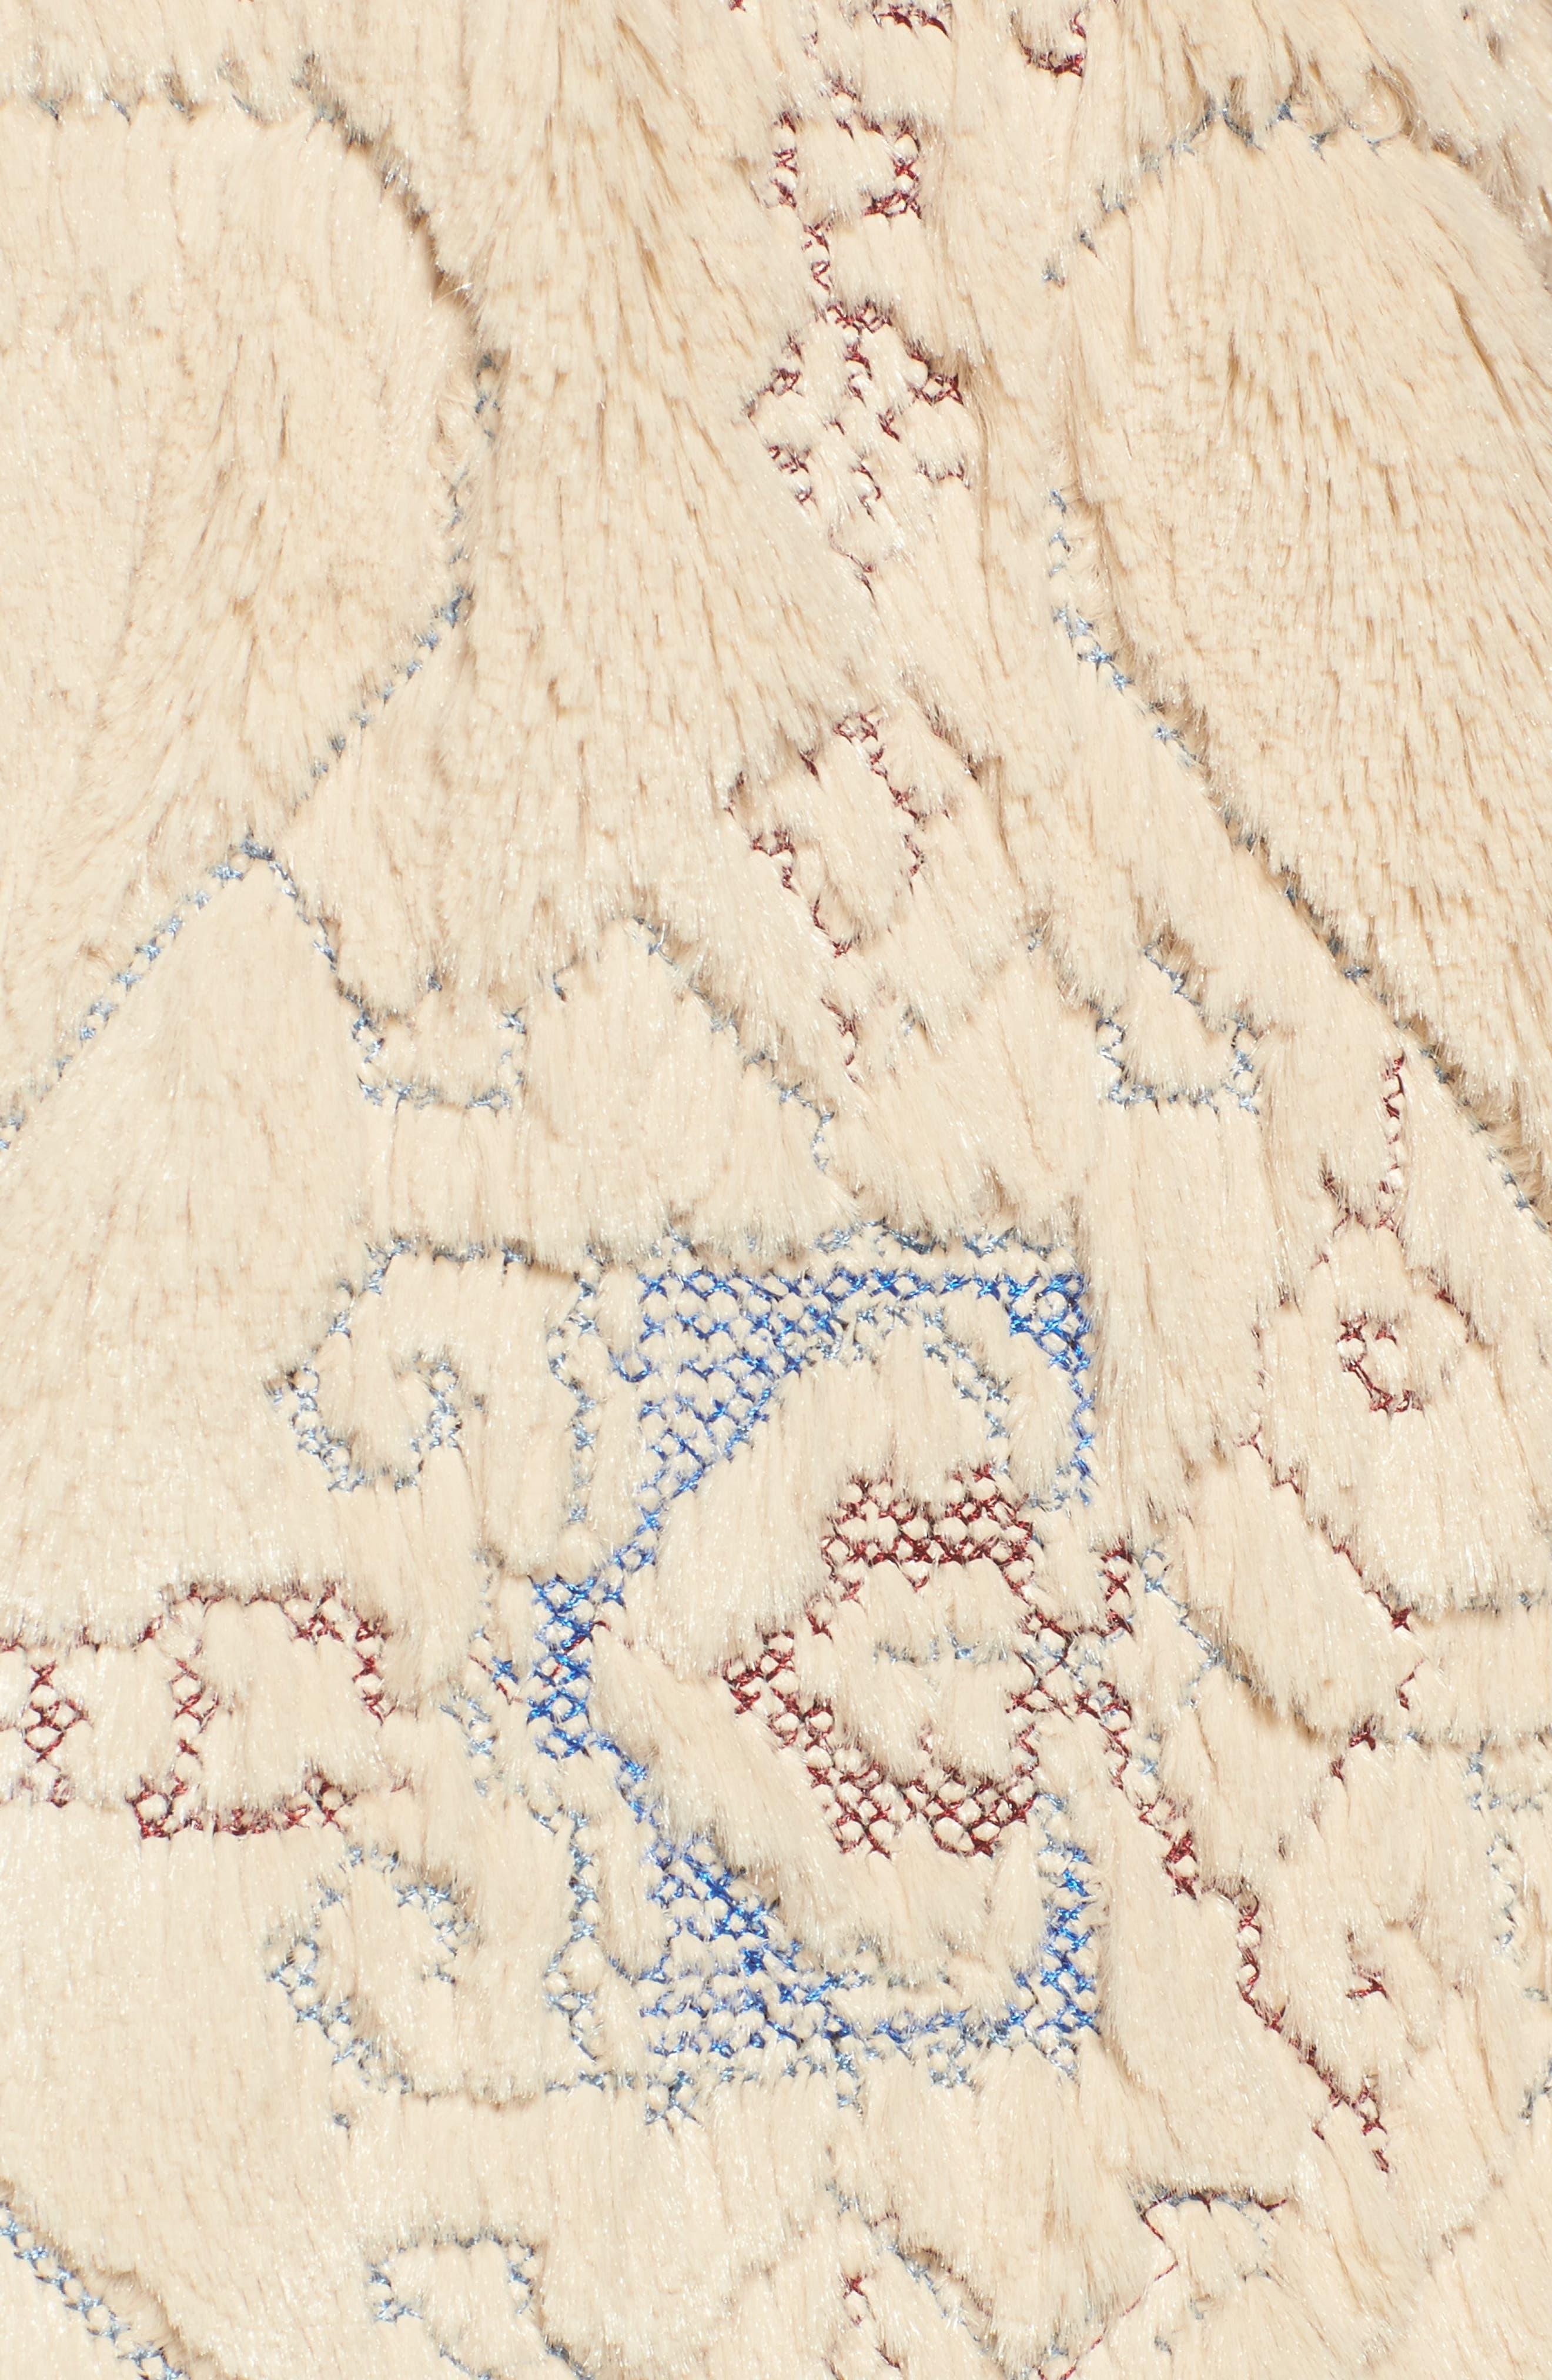 BNCI Embossed Faux Fur Cardigan,                             Alternate thumbnail 6, color,                             Cream